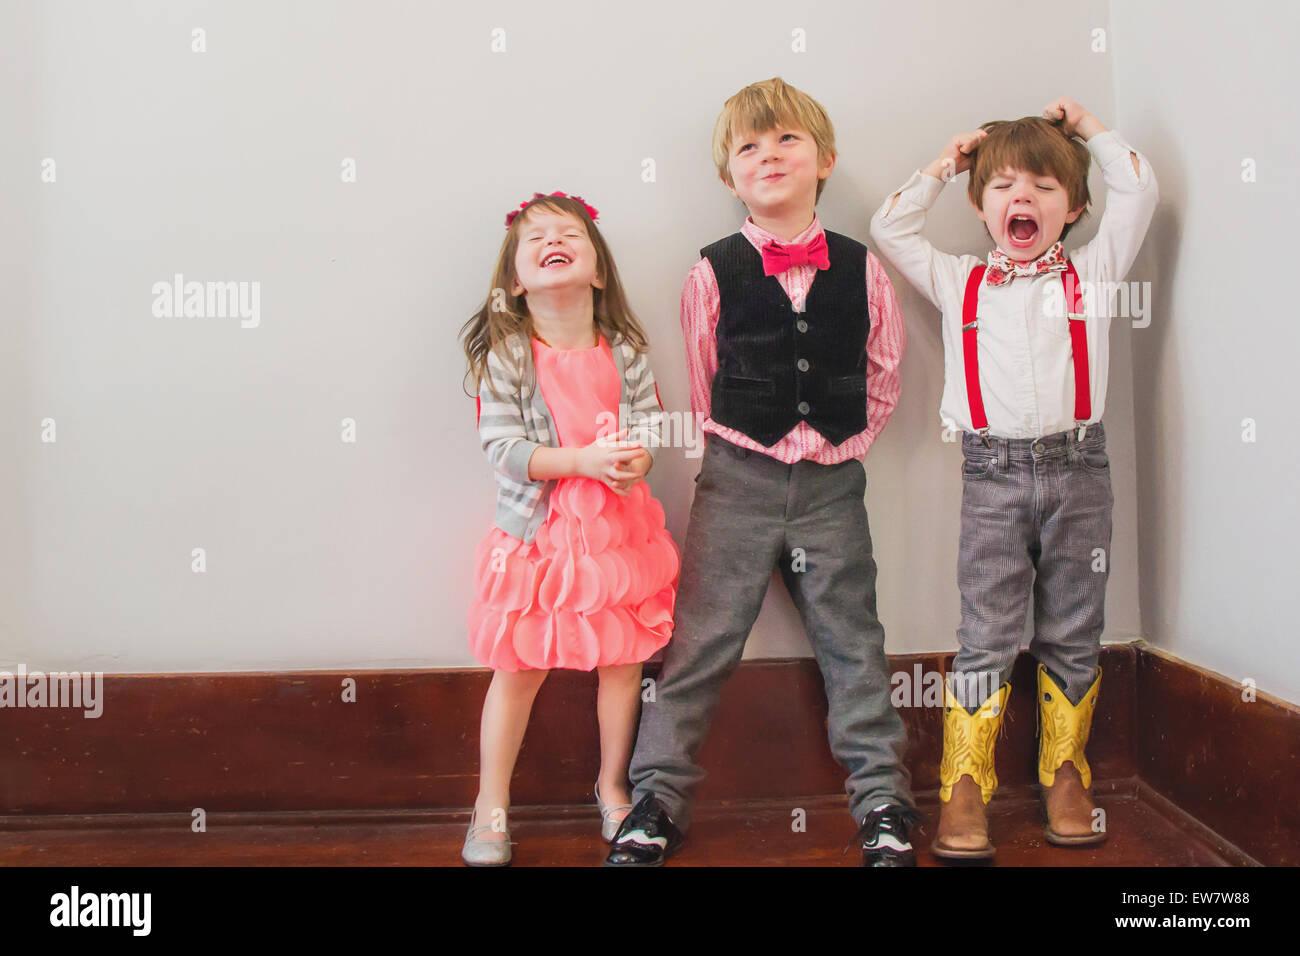 Trois enfants déguisés messing sur Photo Stock